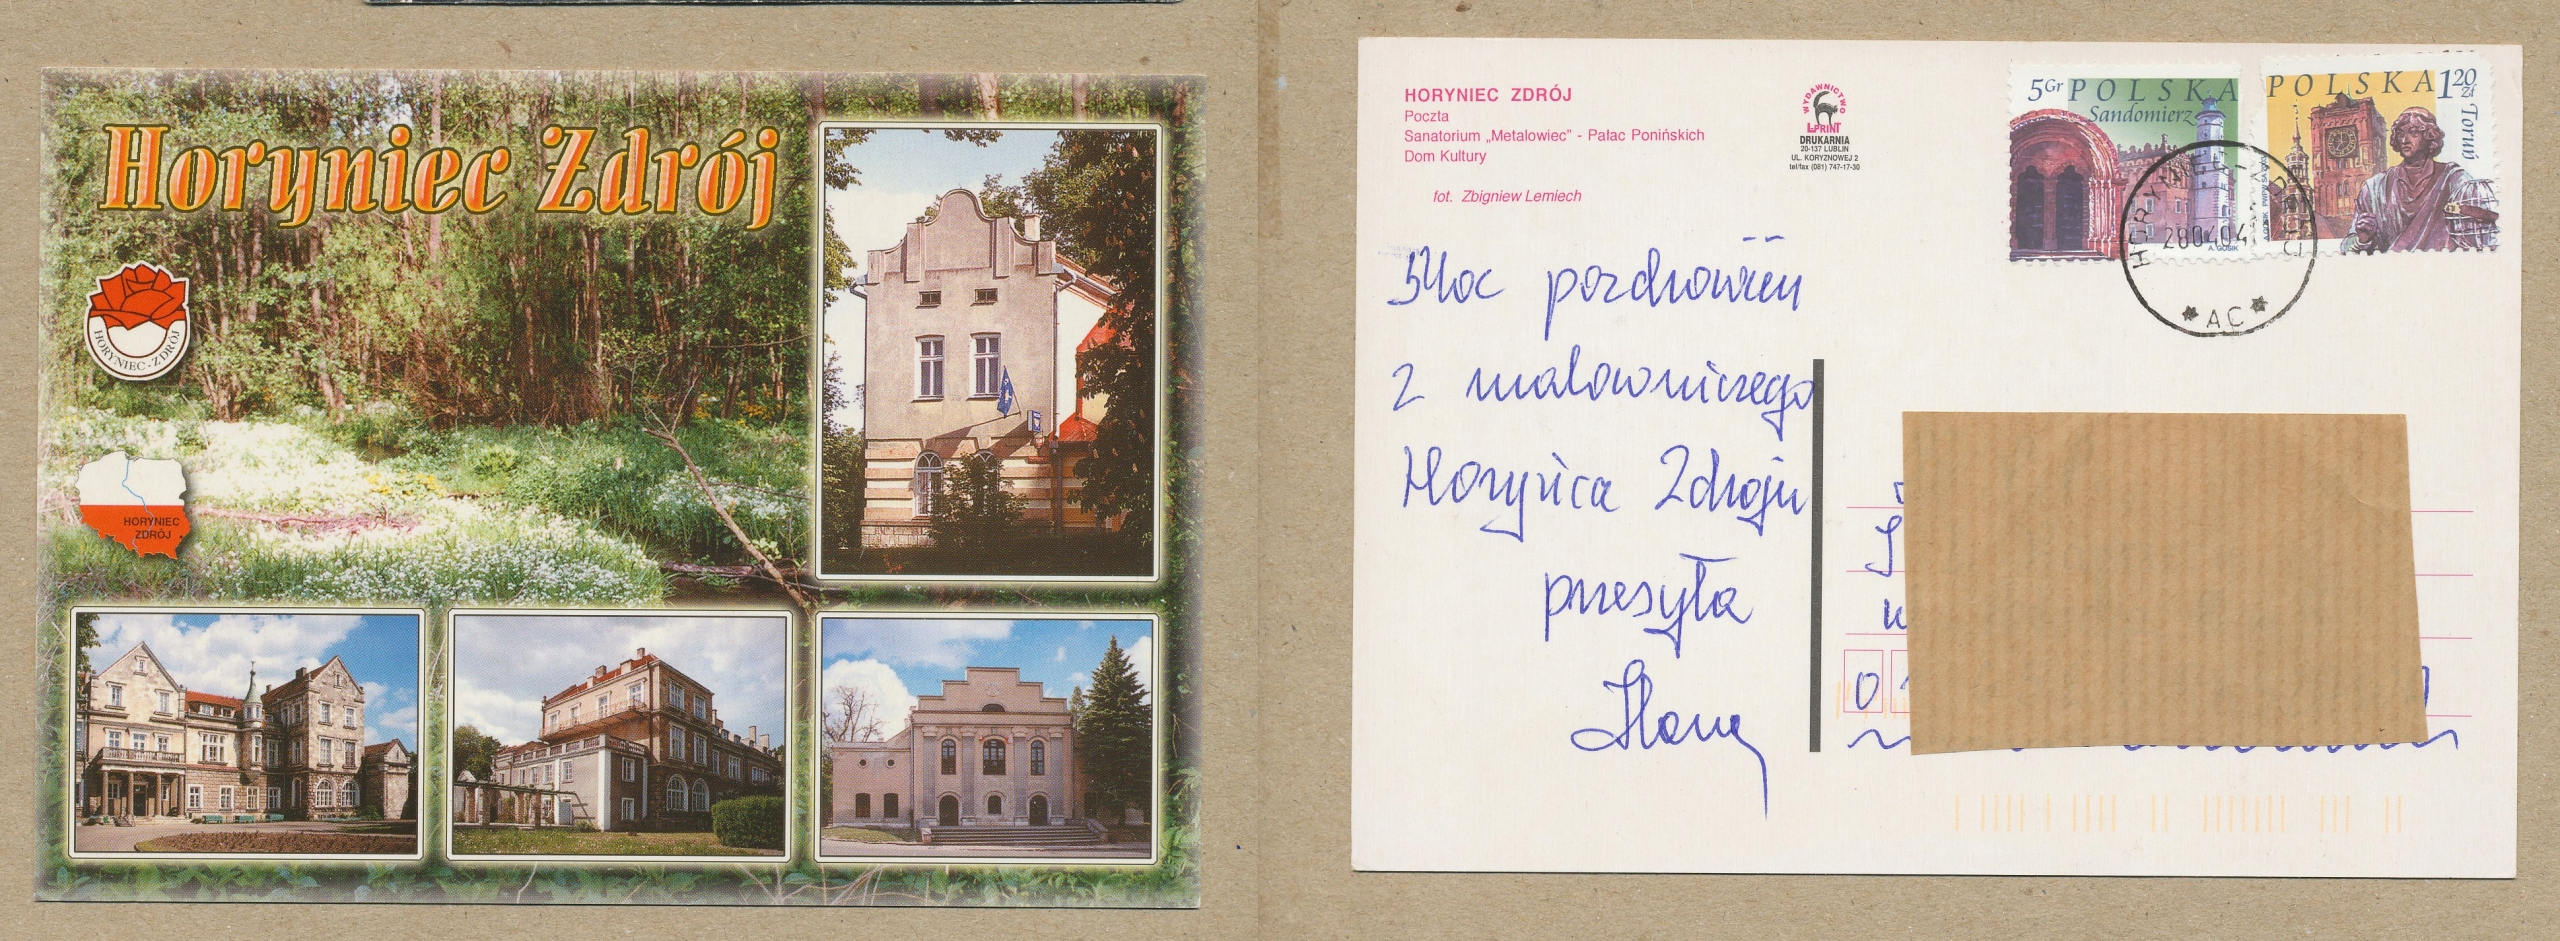 POCZTÓWKA - HORYNIEC-ZDRÓJ mix zdjęć 2004 r.